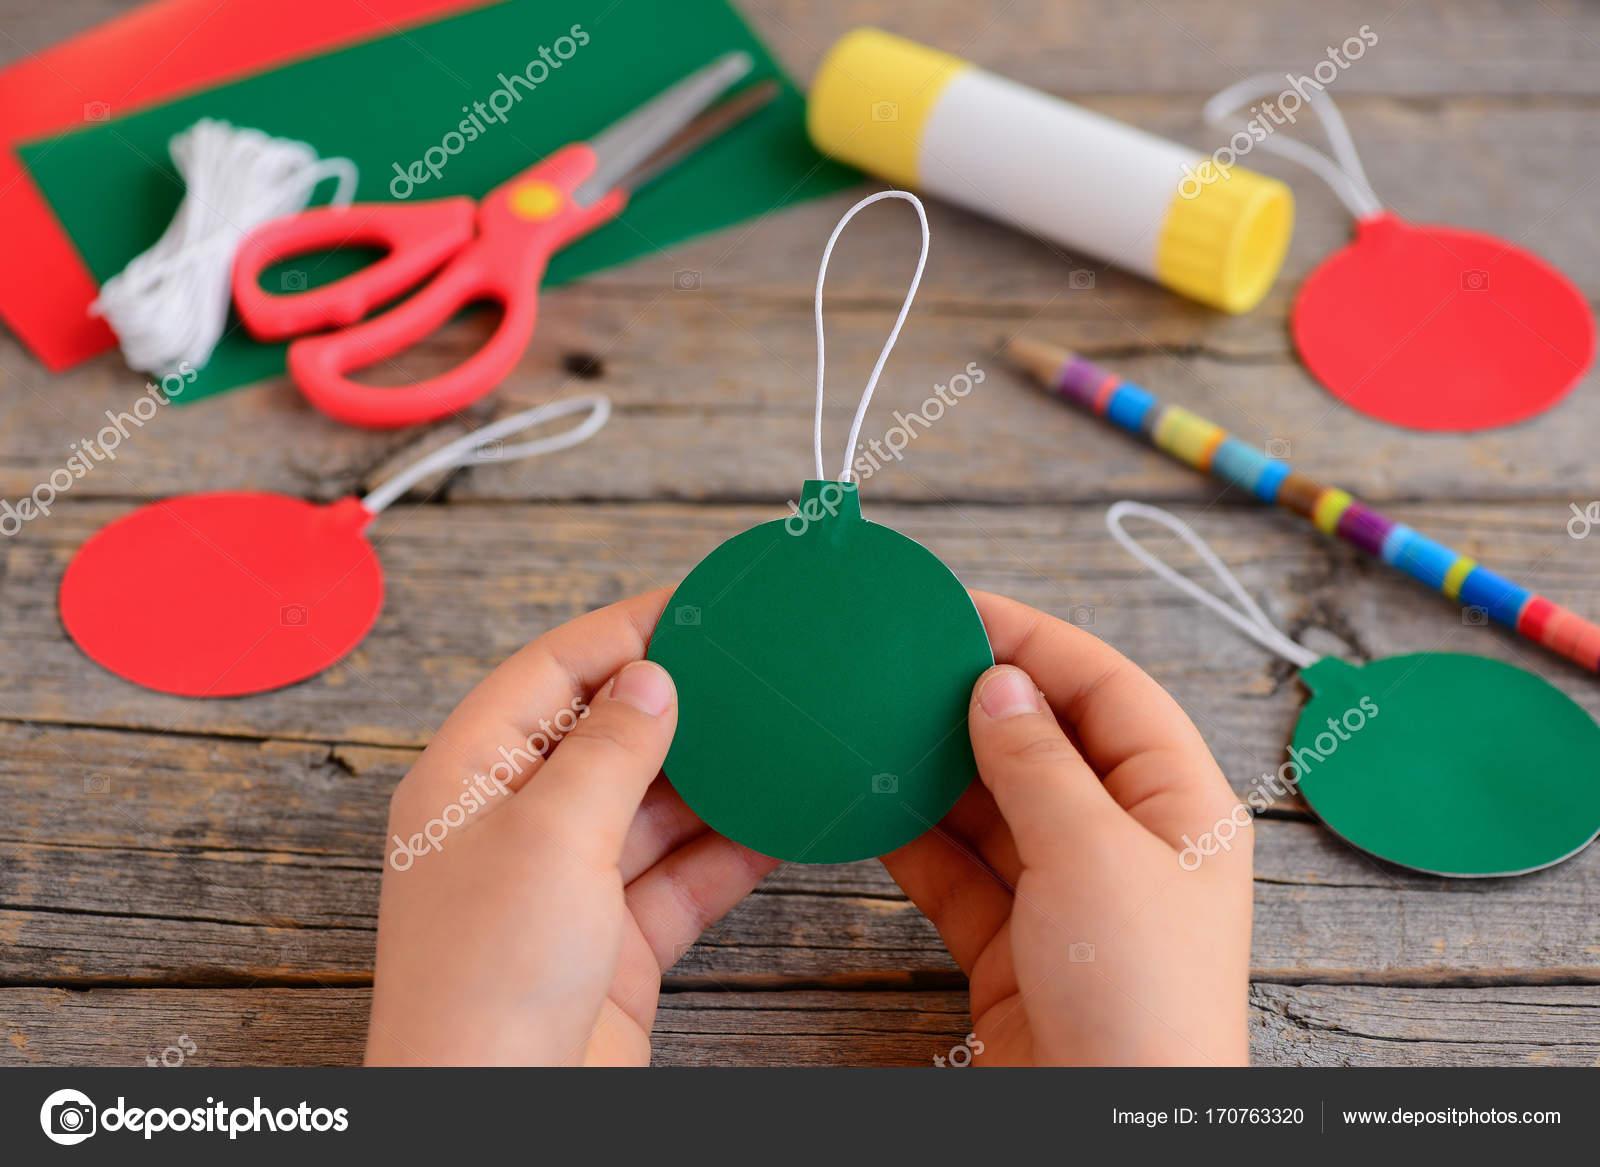 Kind Hat Rote Und Grune Weihnachtskugeln Aus Pappe Kind Halt